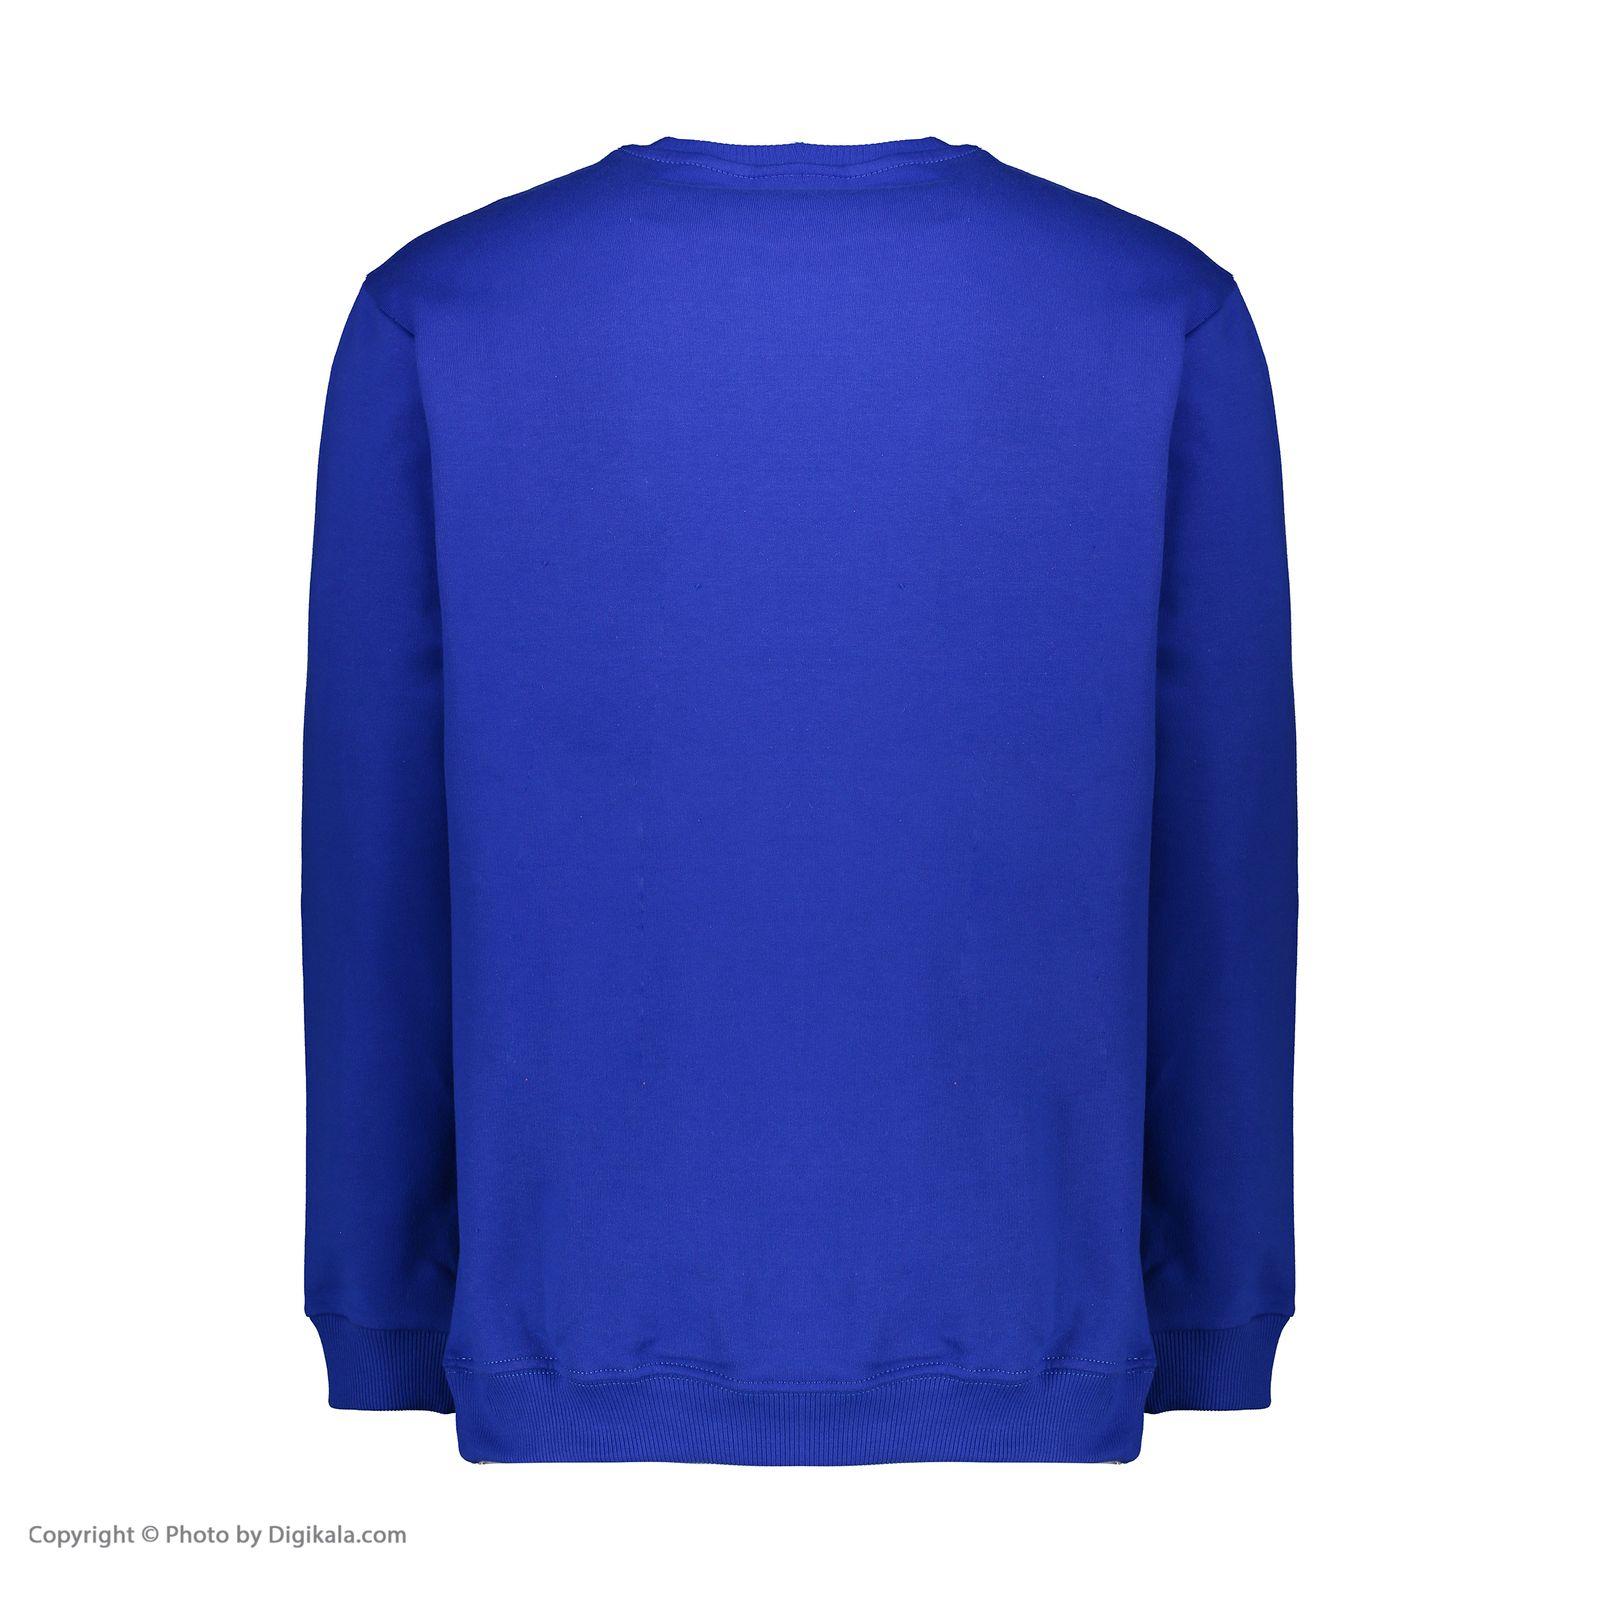 سویشرت ورزشی مردانه یونی پرو مدل 911179303-10 -  - 4